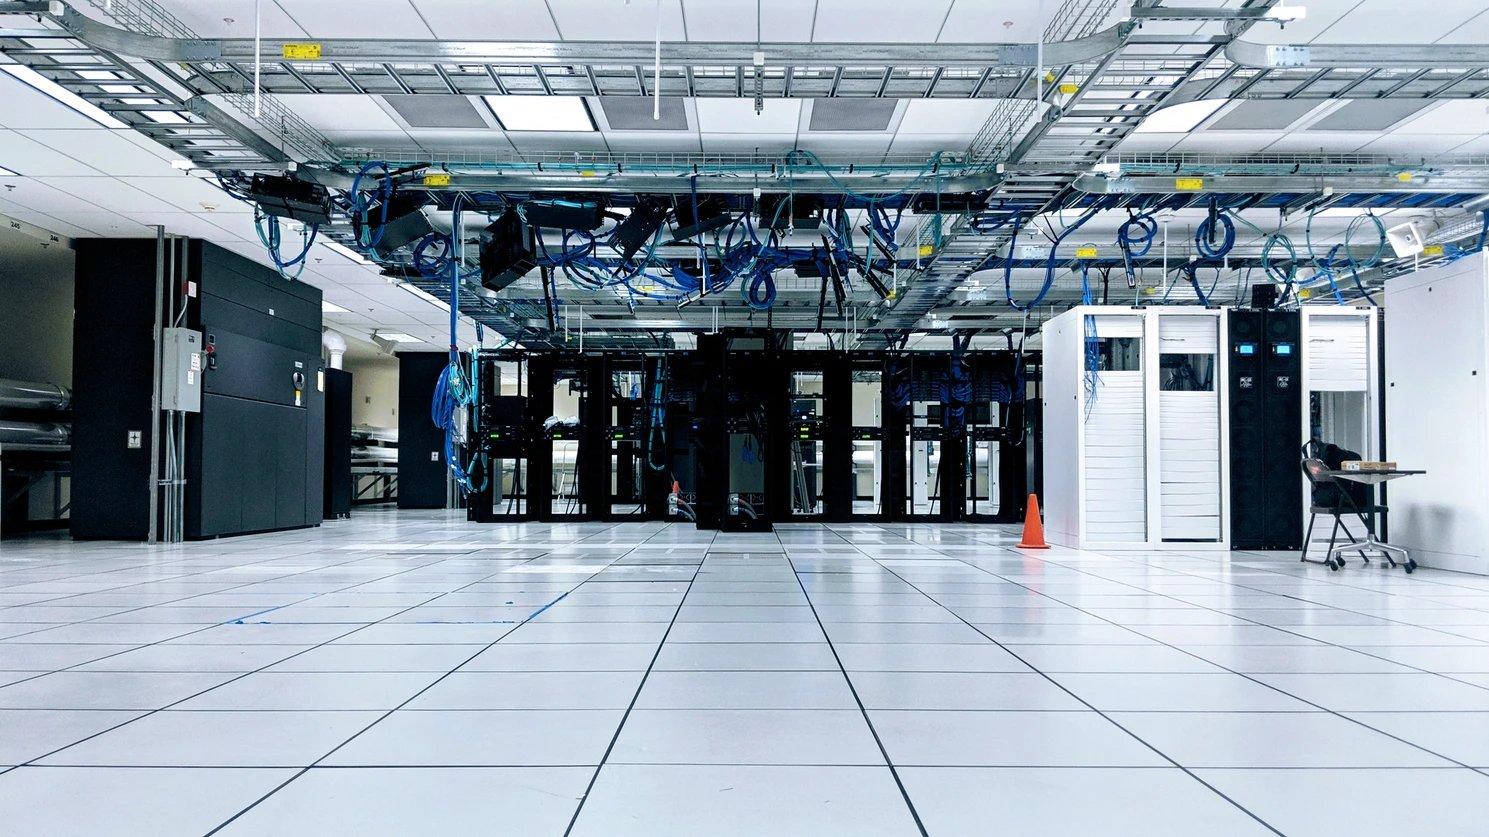 Centro de dados com servidores